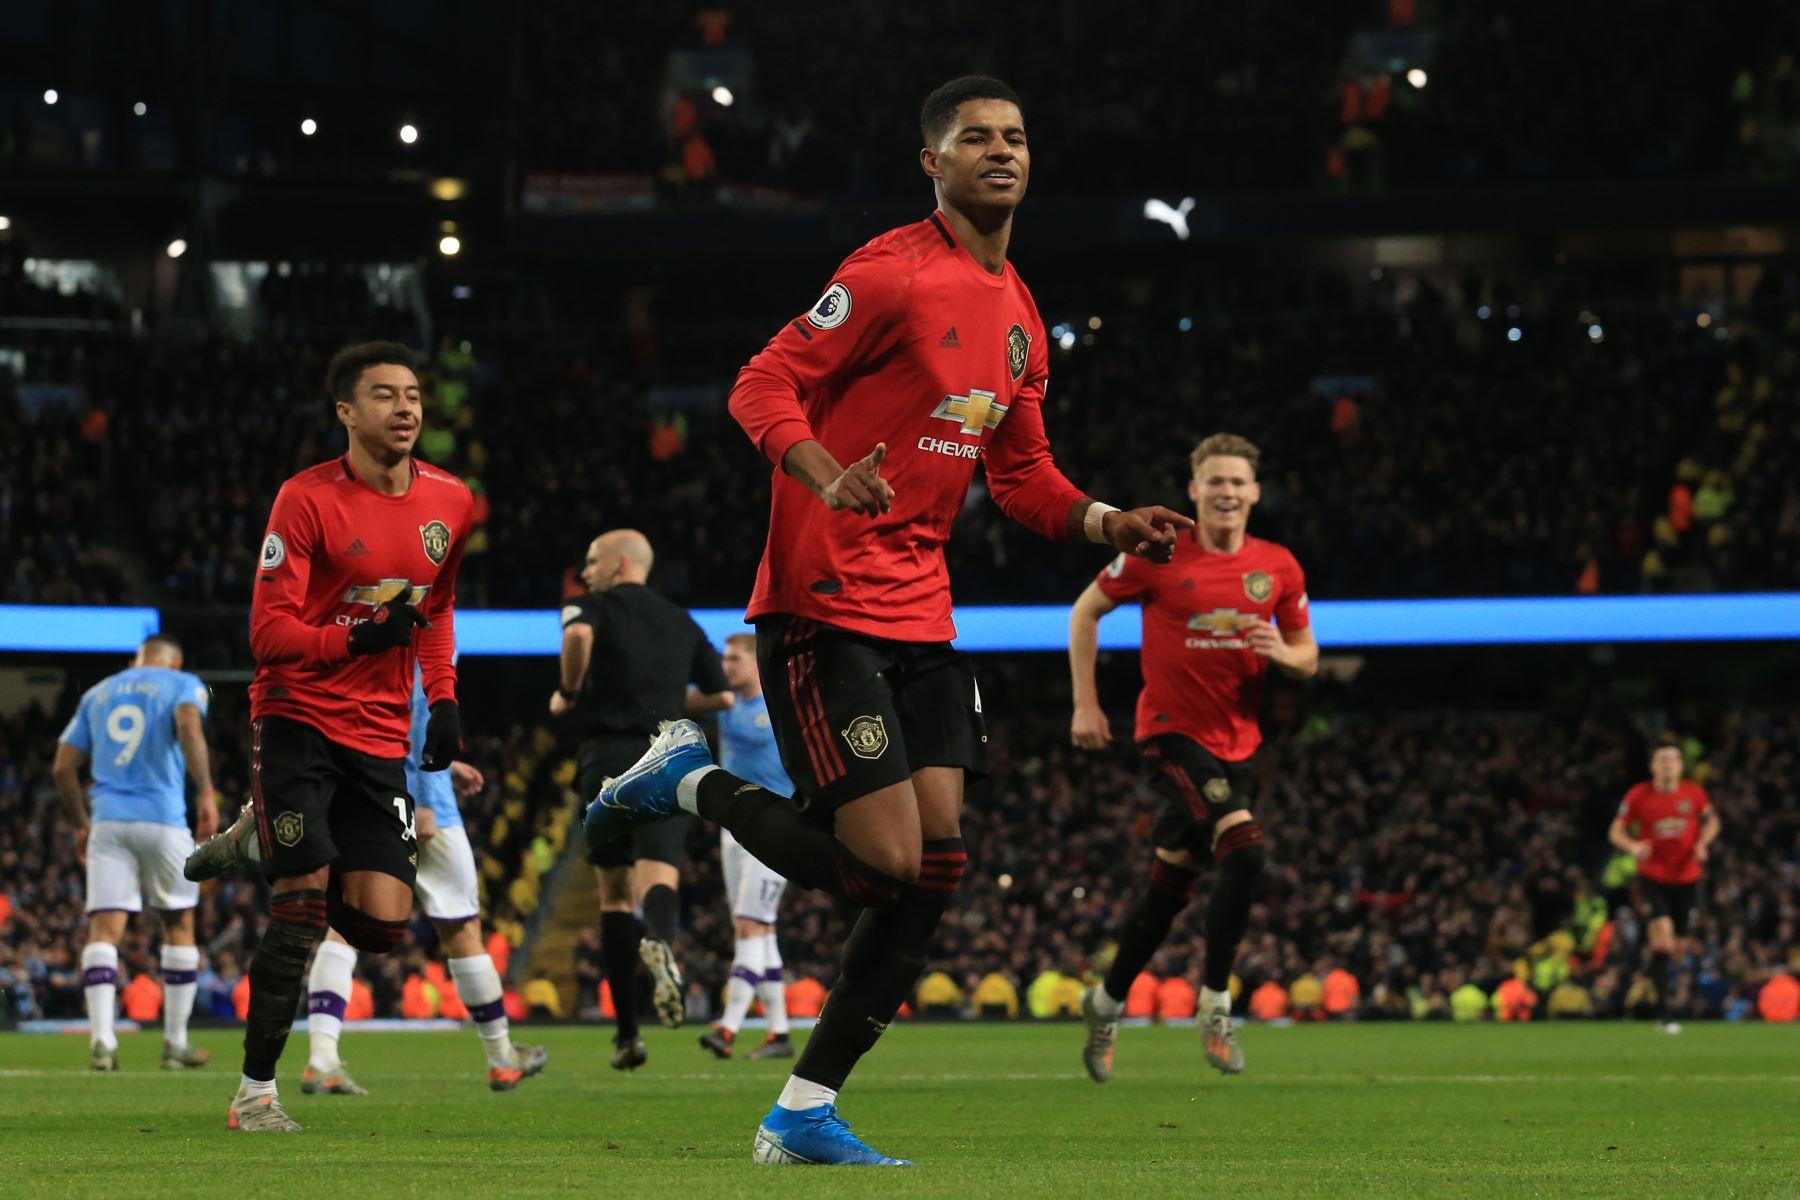 El delantero inglés del Manchester United Marcus Rashford celebra el gol de apertura desde el punto de penalti durante el partido de fútbol de la Premier League inglesa entre el Manchester City y el Manchester United. Foto: AFP